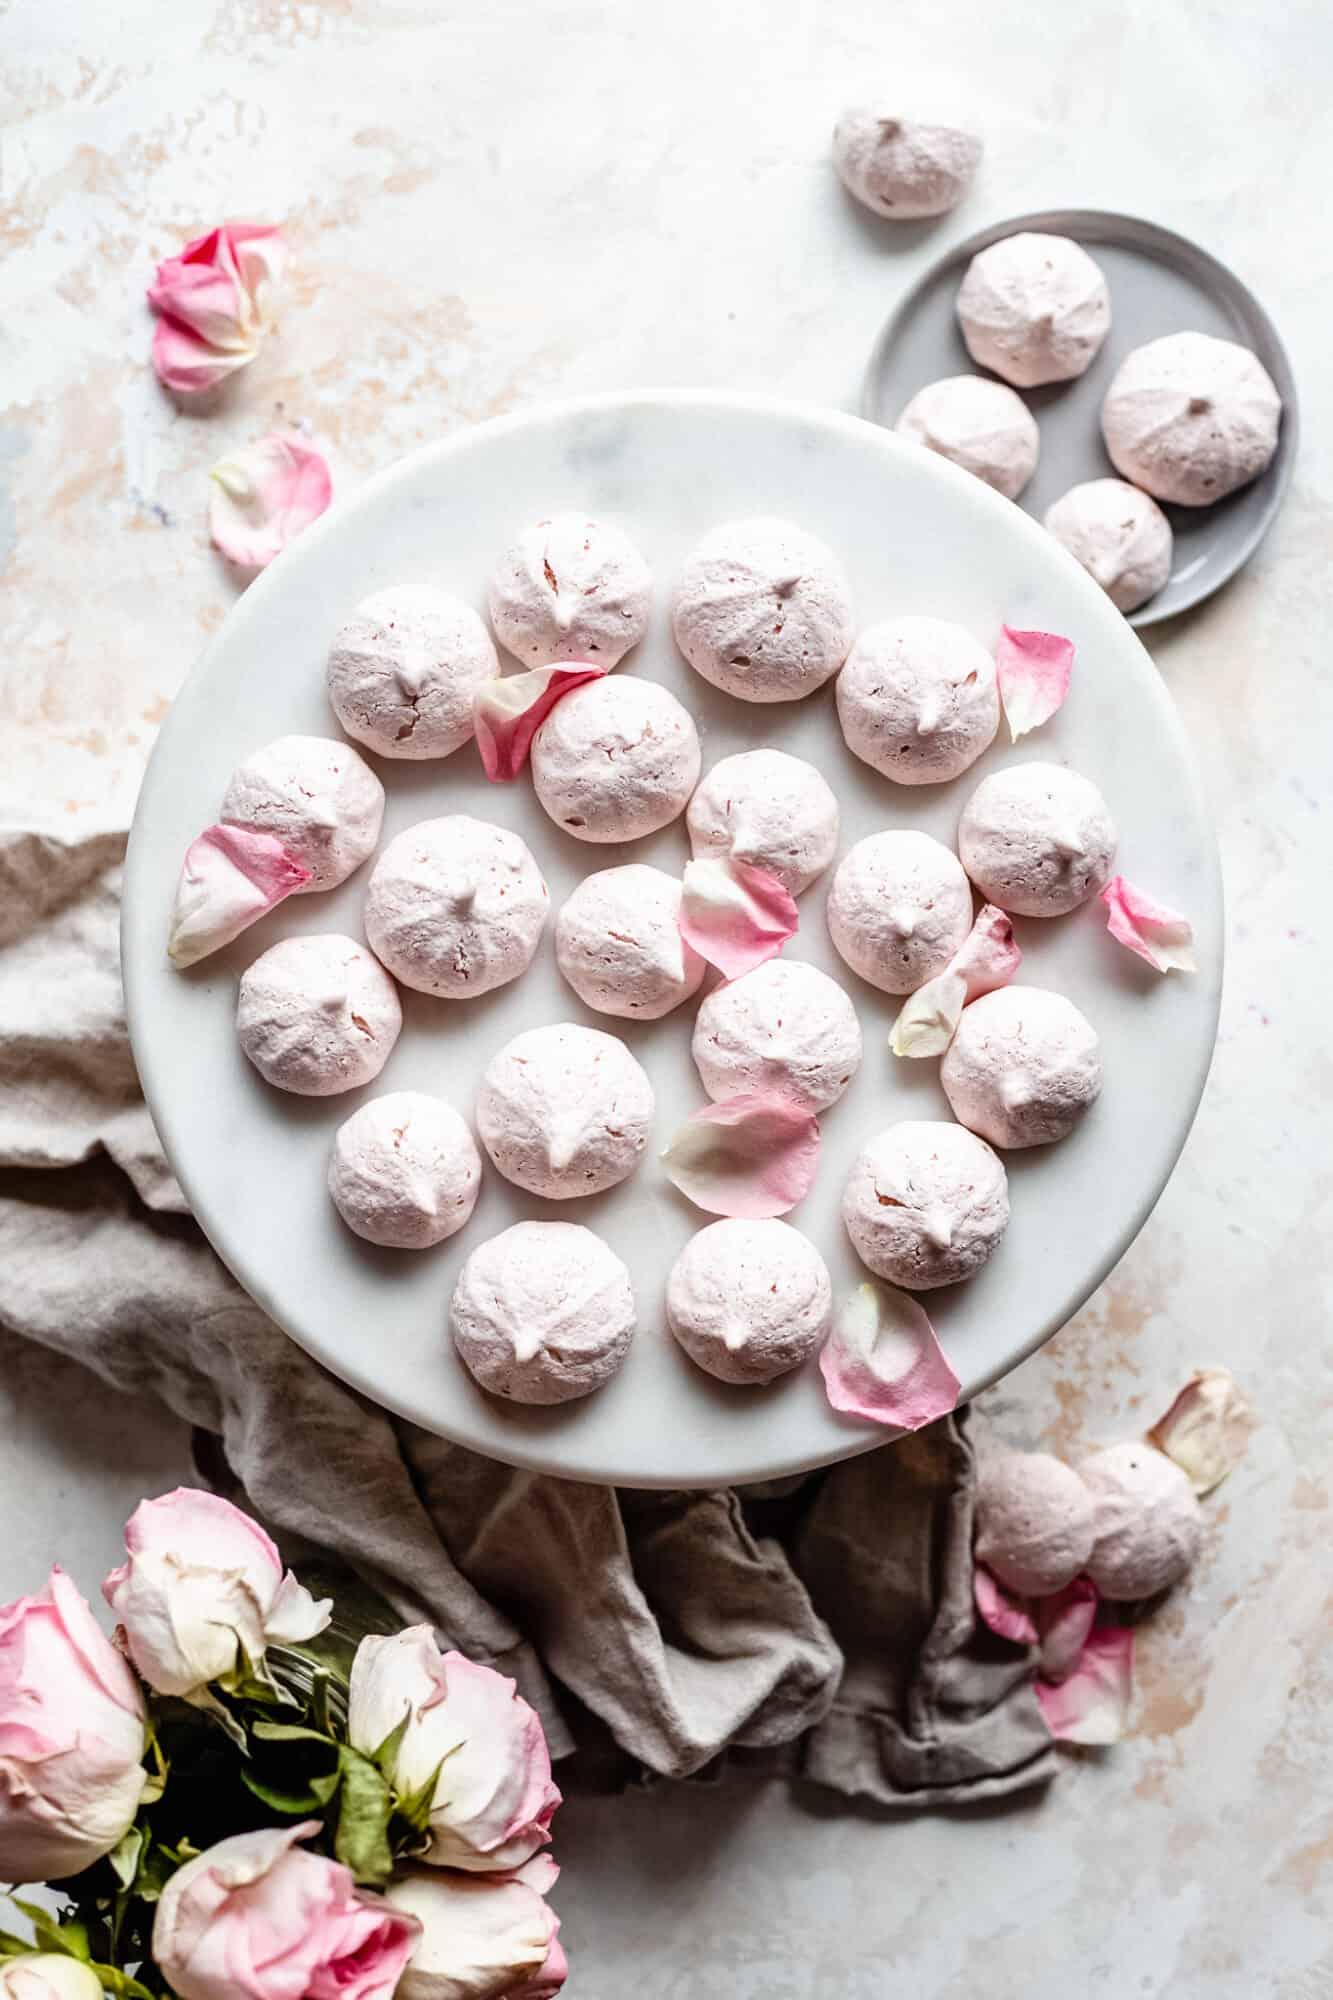 plate of meringue cookies